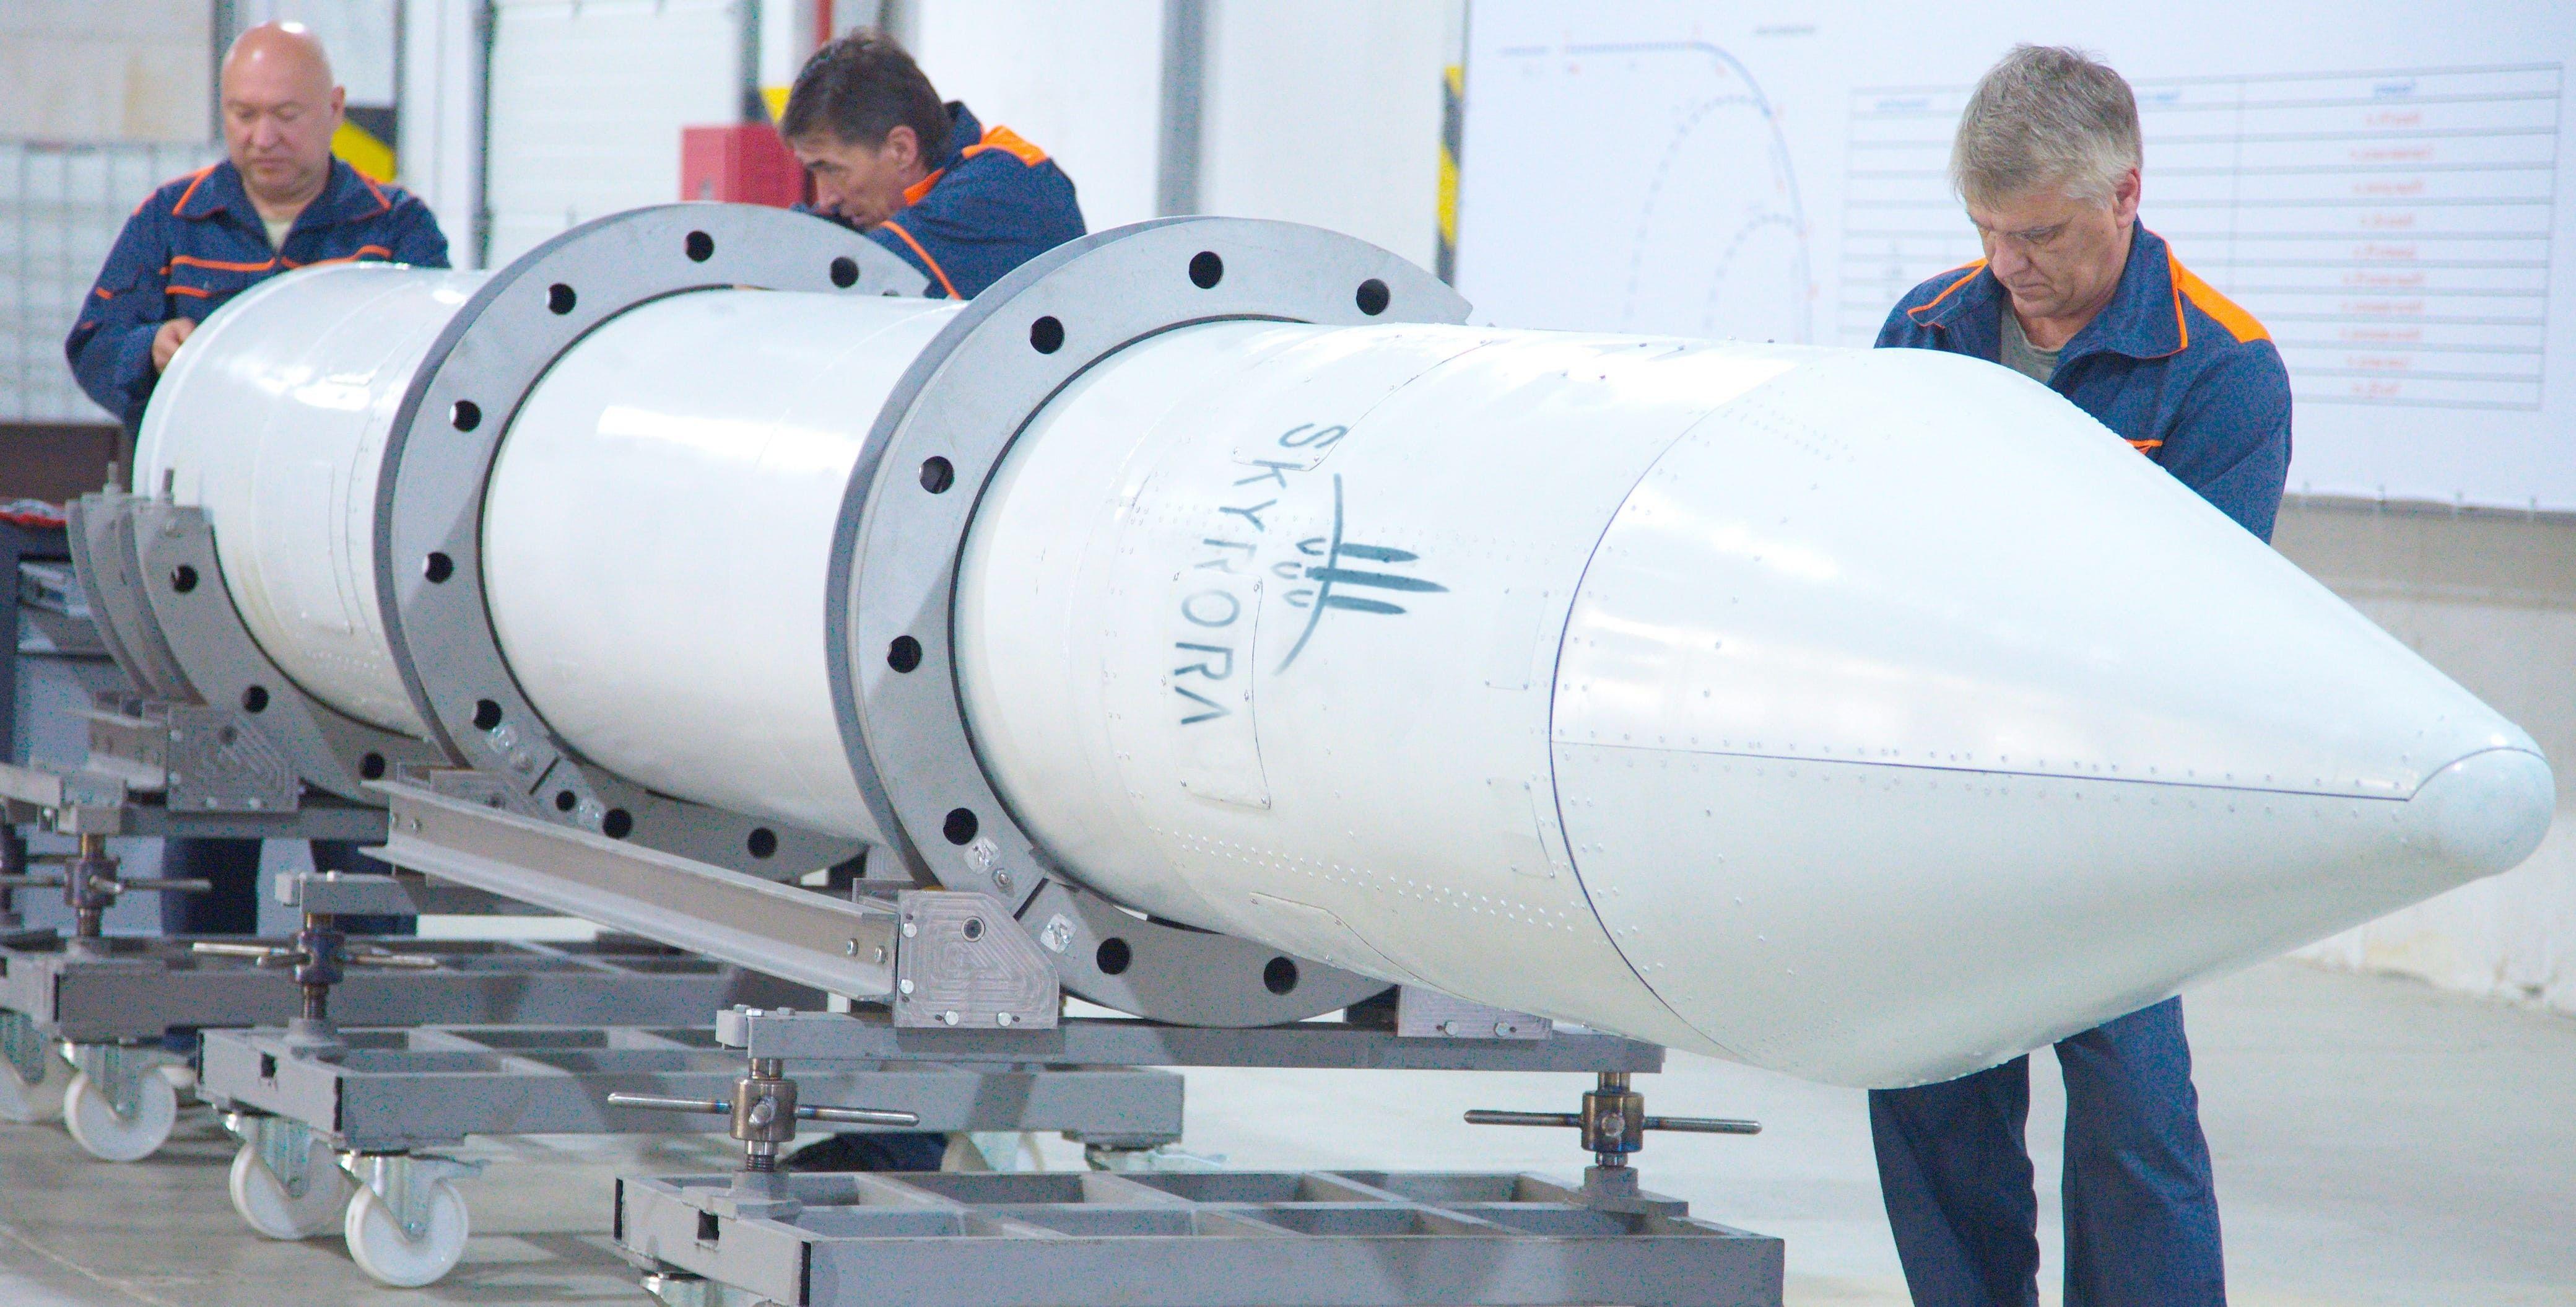 ВУкраинском государстве создали ракету для английских наноспутников